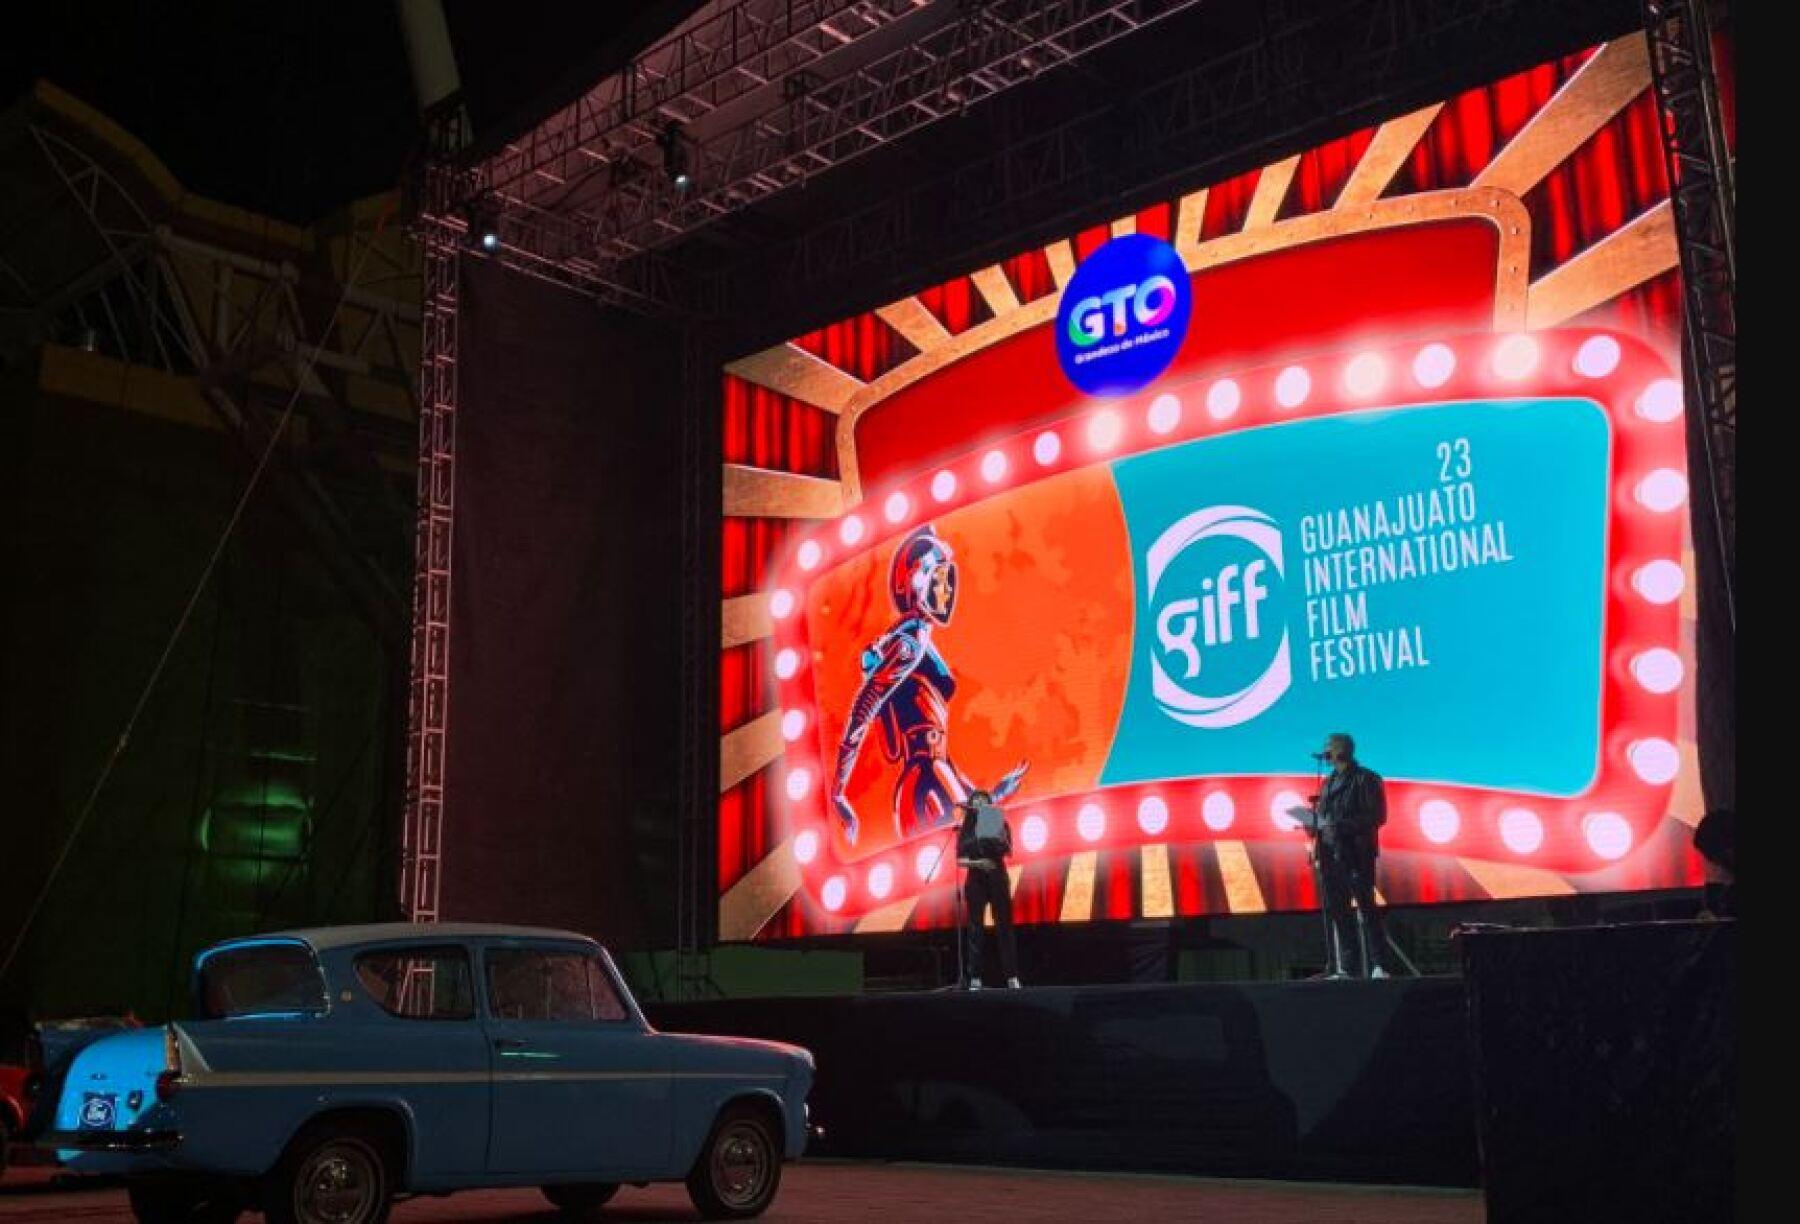 El Festival Internacional de Cine de Guanajuato inicia en un autocinema